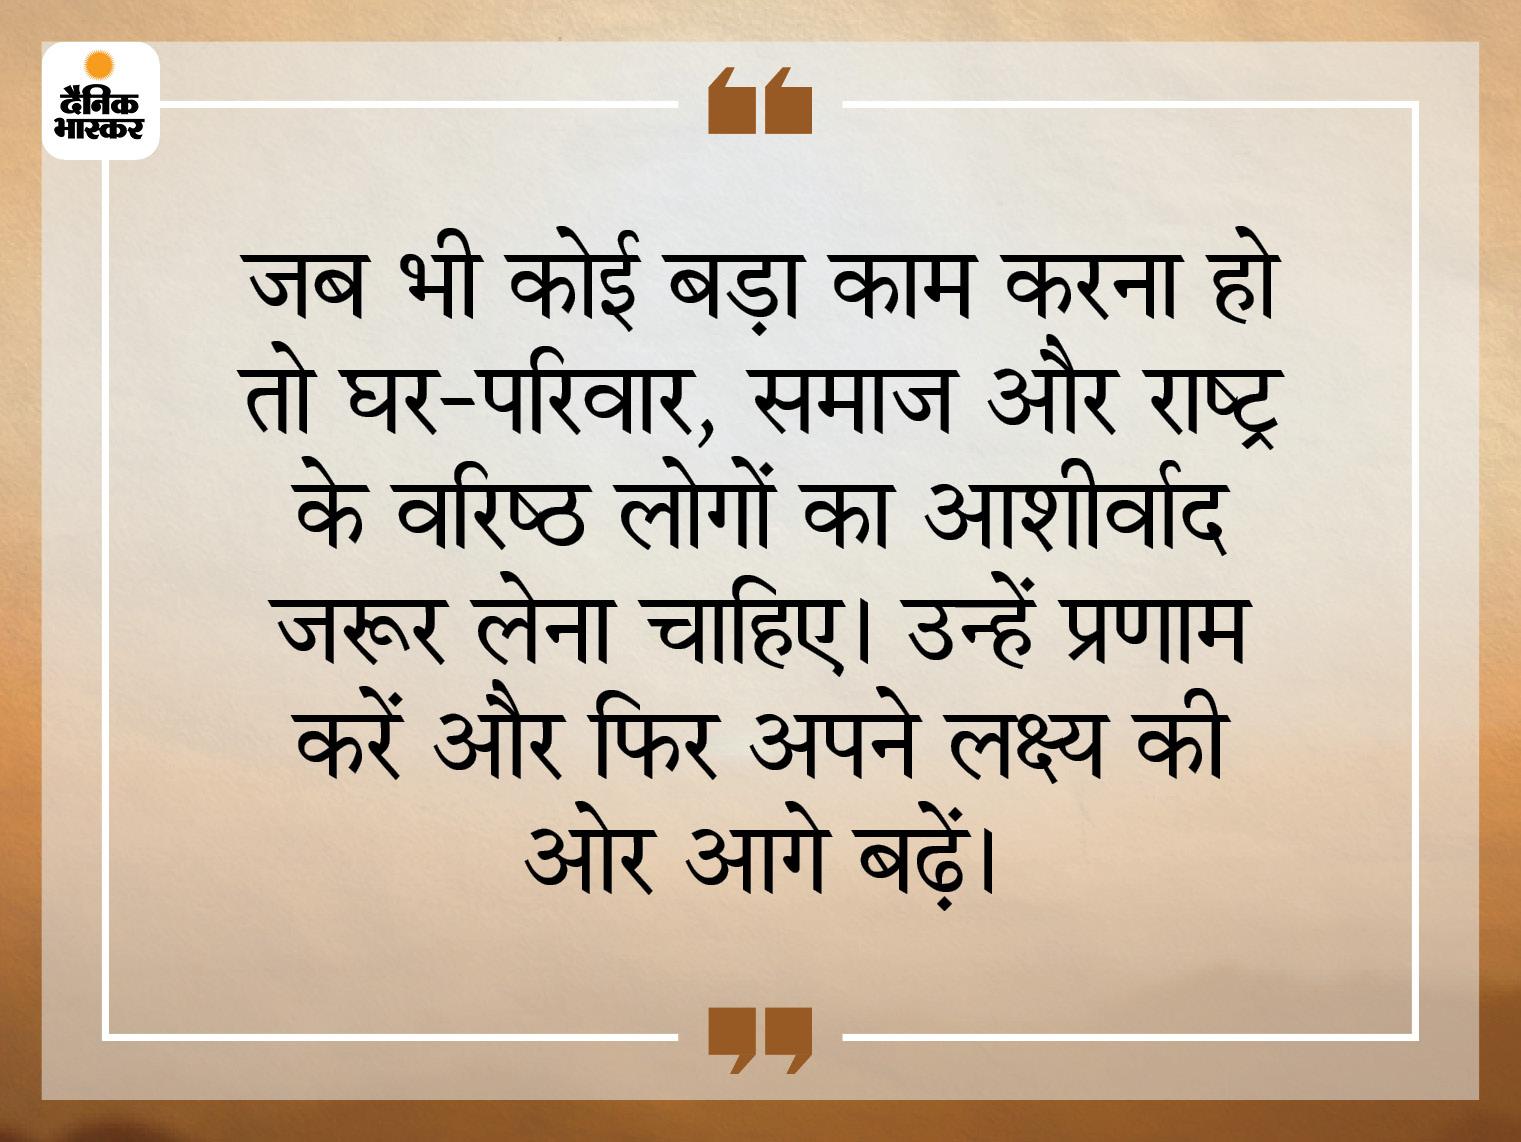 बड़े-बूढ़ों के आशीर्वाद से बढ़ता है हमारा आत्मविश्वास और मिलती है सफलता|धर्म,Dharm - Dainik Bhaskar